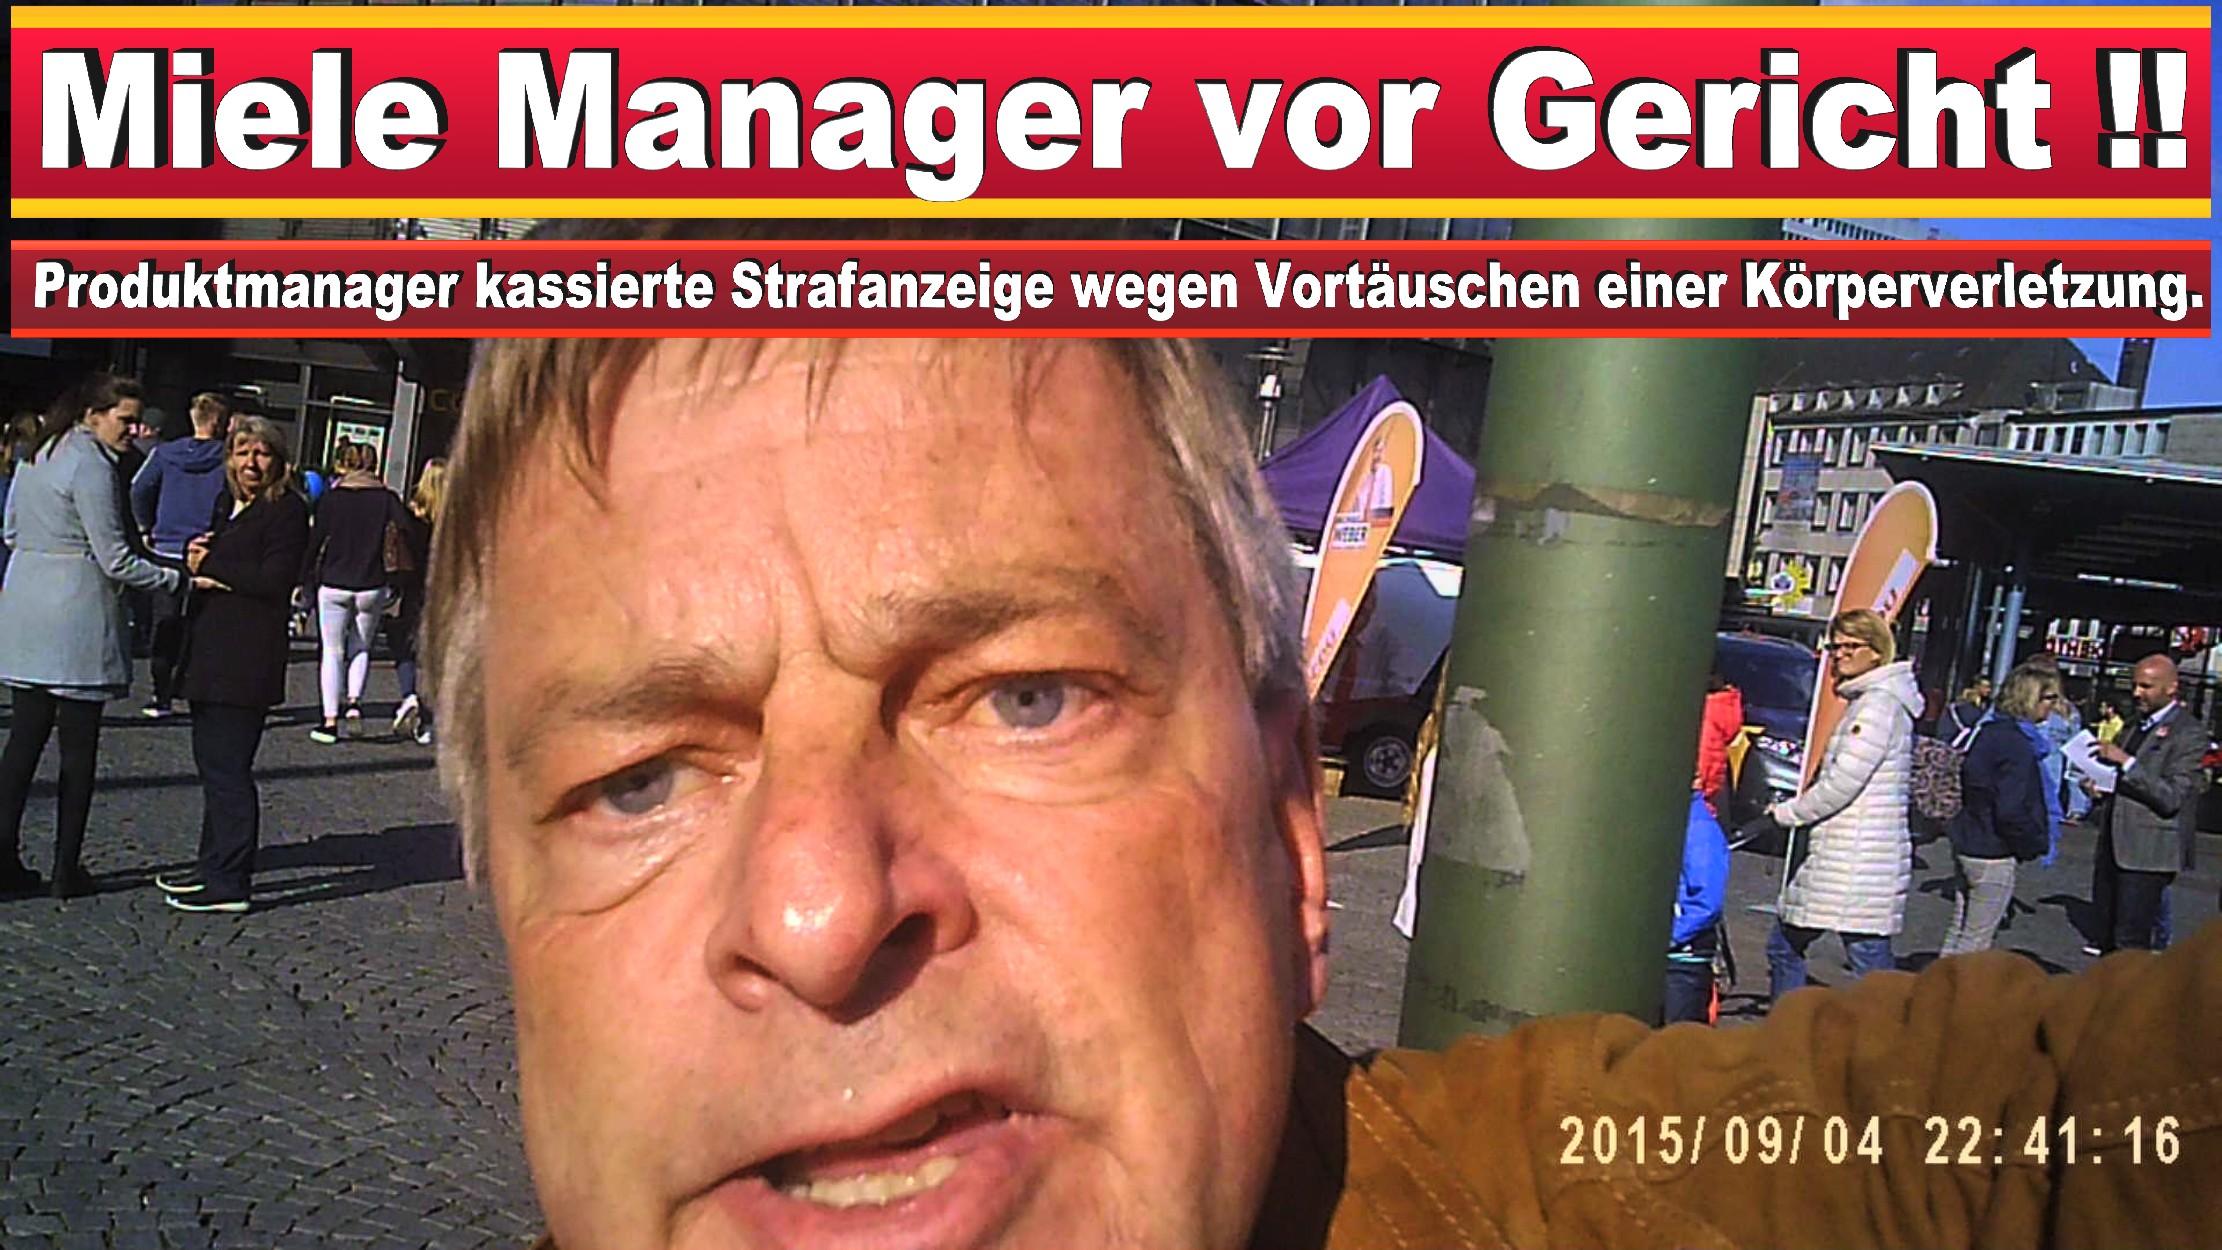 CDU BIELEFELD POLIZEIGEWALT GEWALTAUSBRUCH UND STRAFANZEIGE GEGEN EINEN JOURNALISTEN (3)